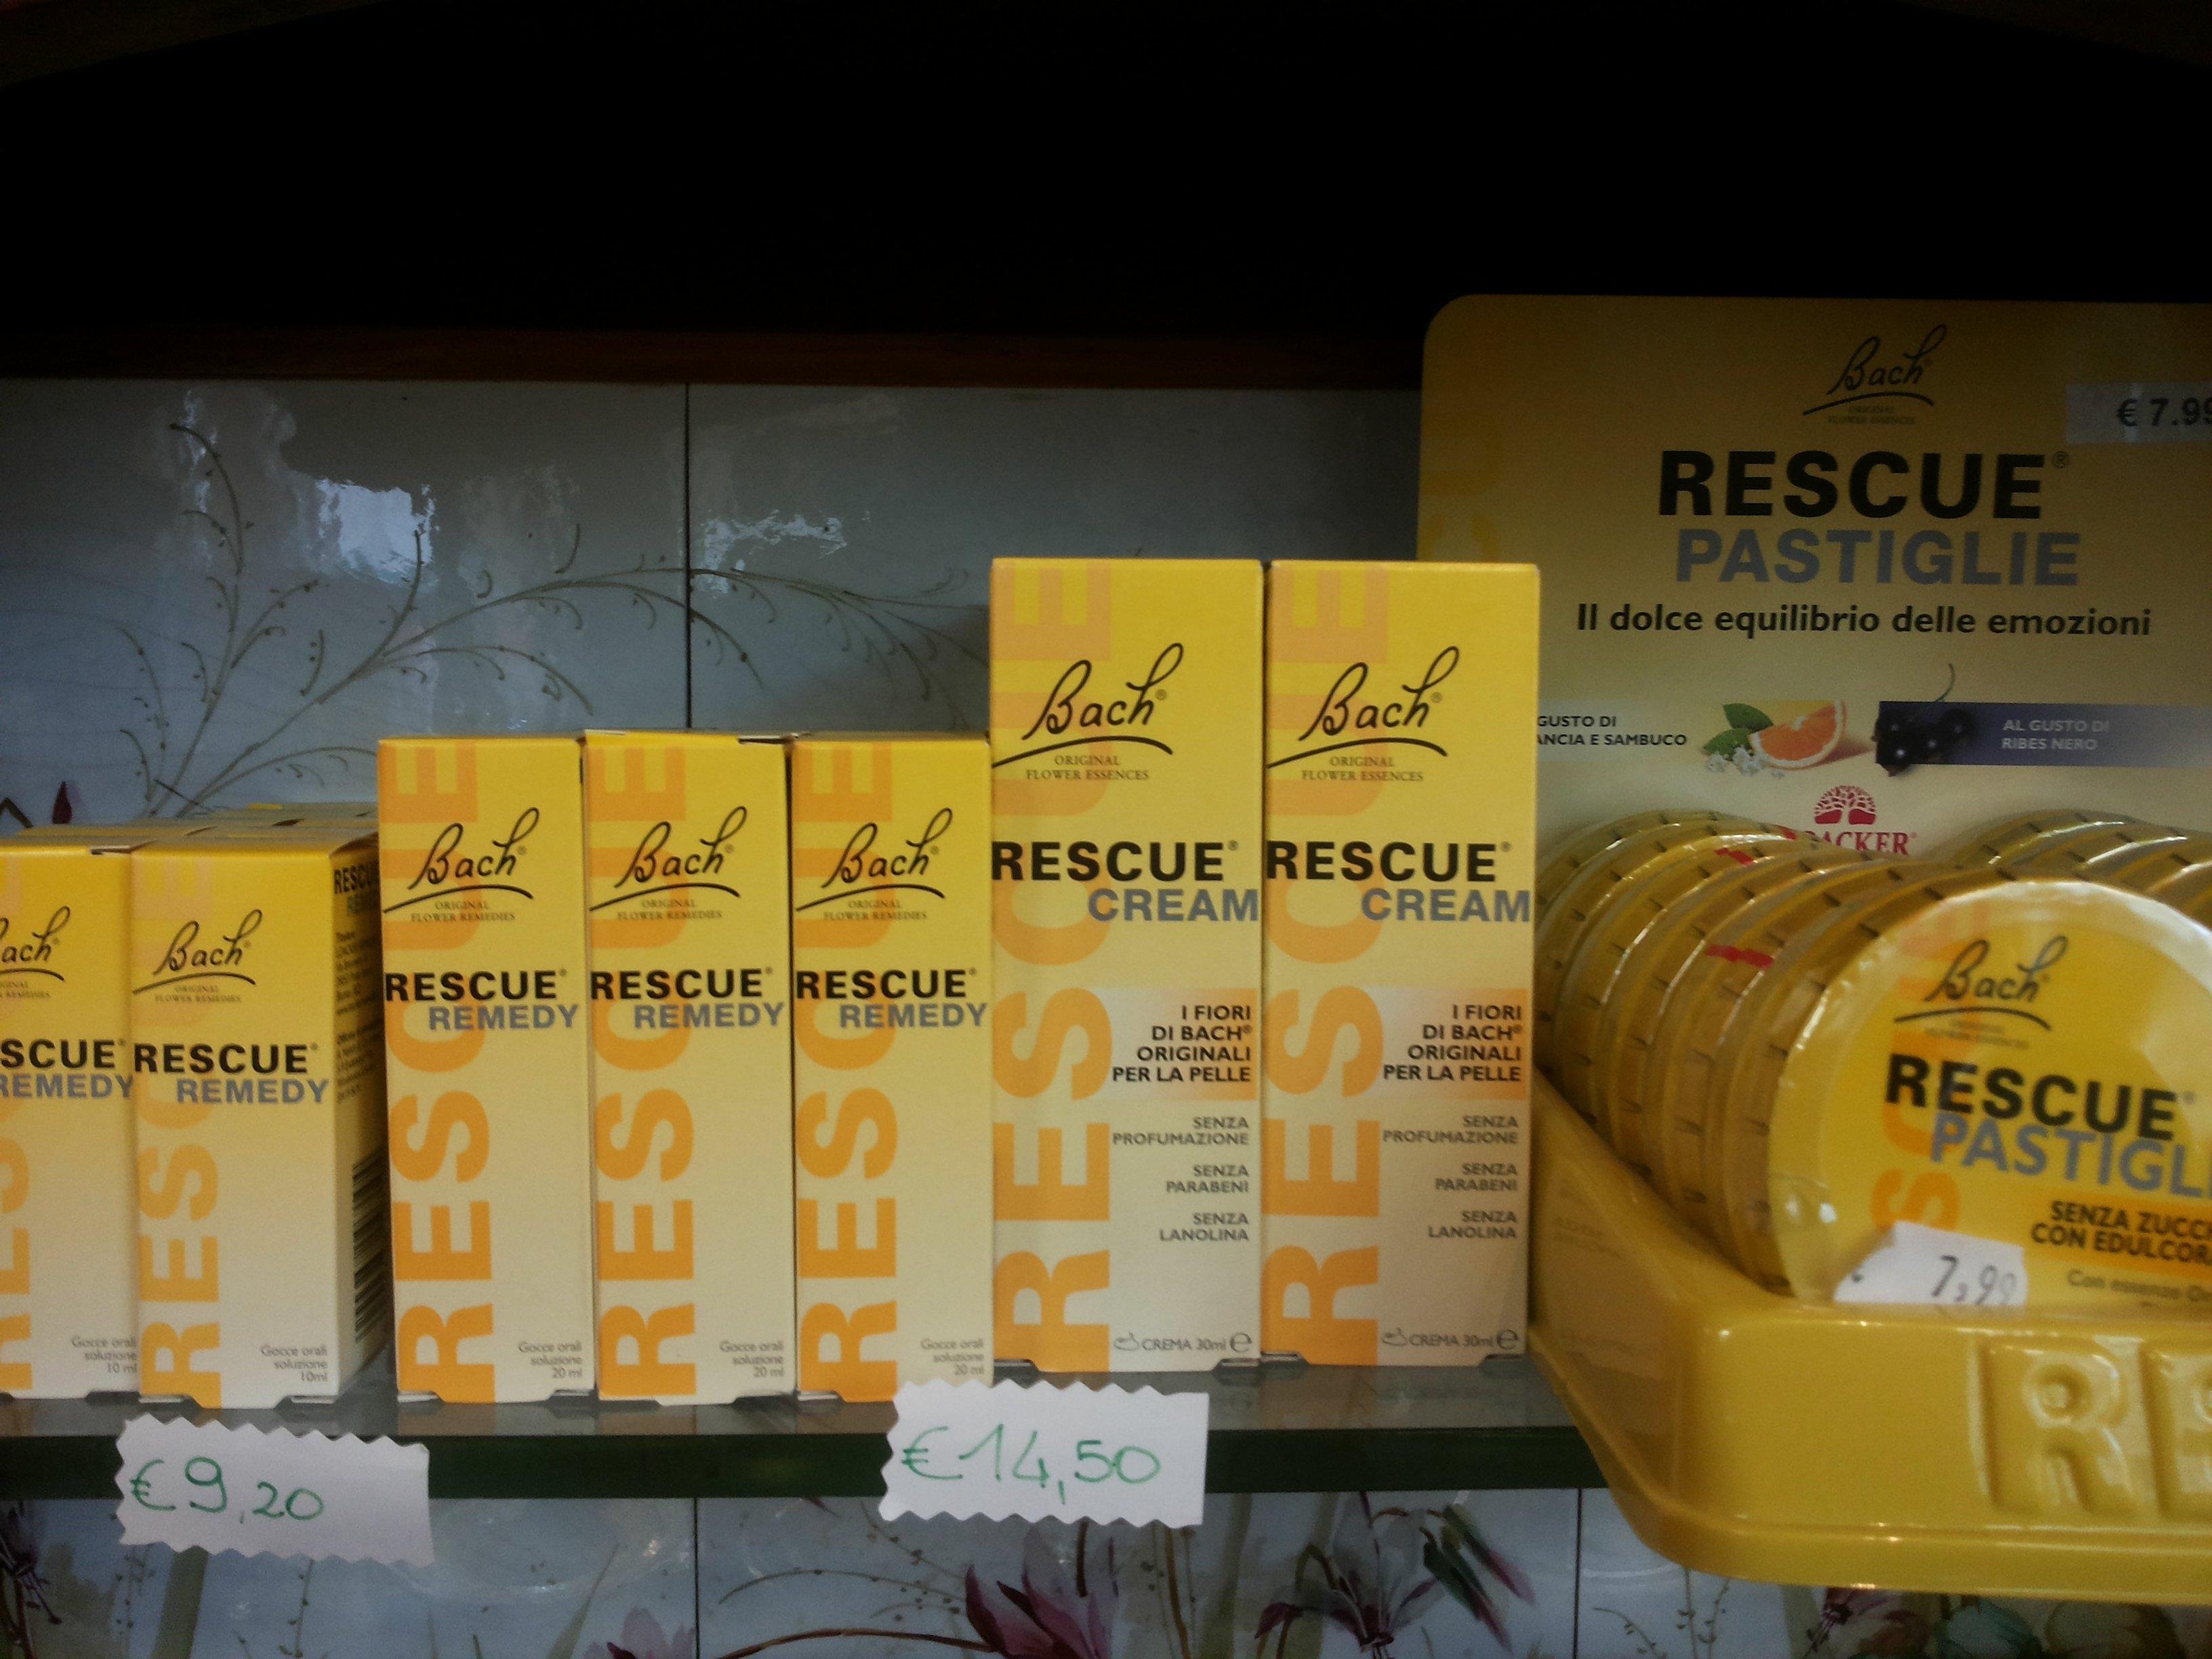 delle confezioni di creme e pastiglie della marca Bach Rescue